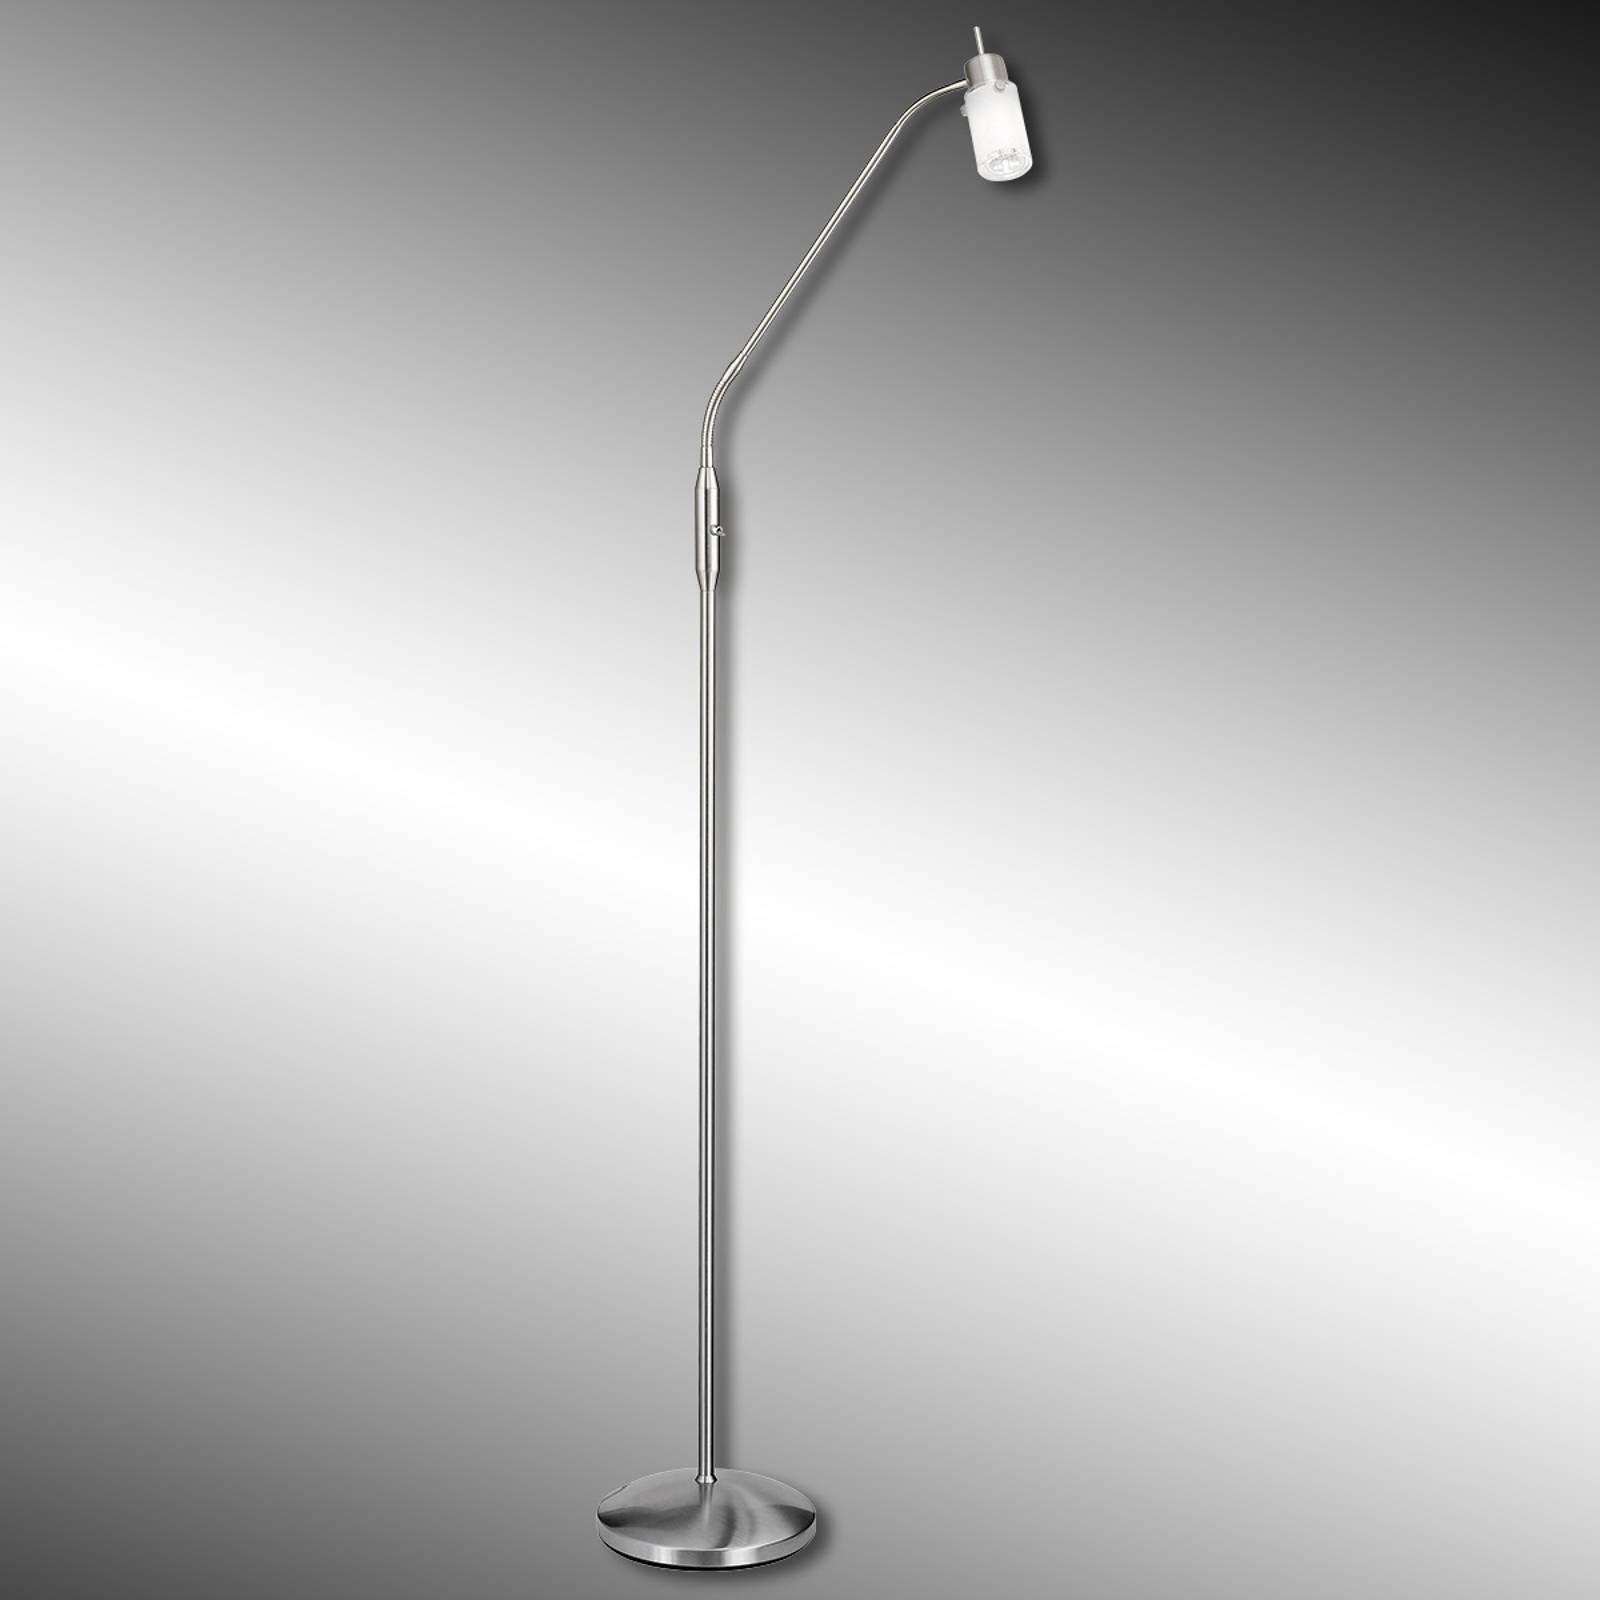 Ettlys LED-stålampe Max